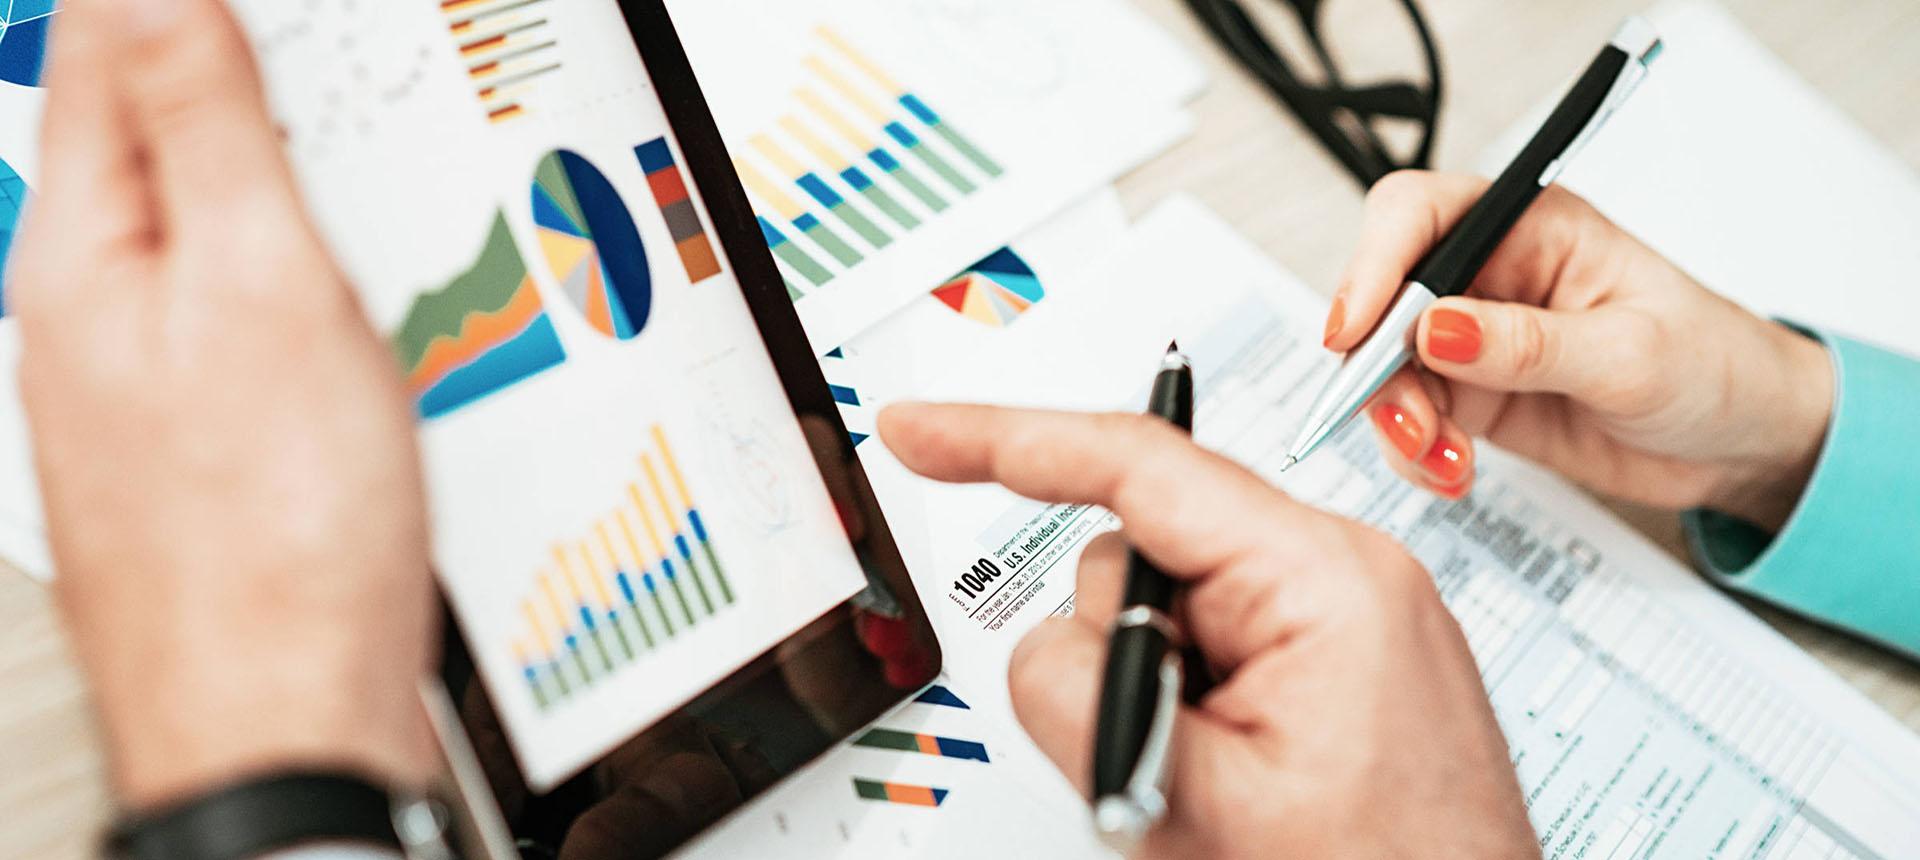 Beratung im Umweltbereich – kompetente Auskünfte in Umweltmessungen, Datenmanagement und Datenanalyse